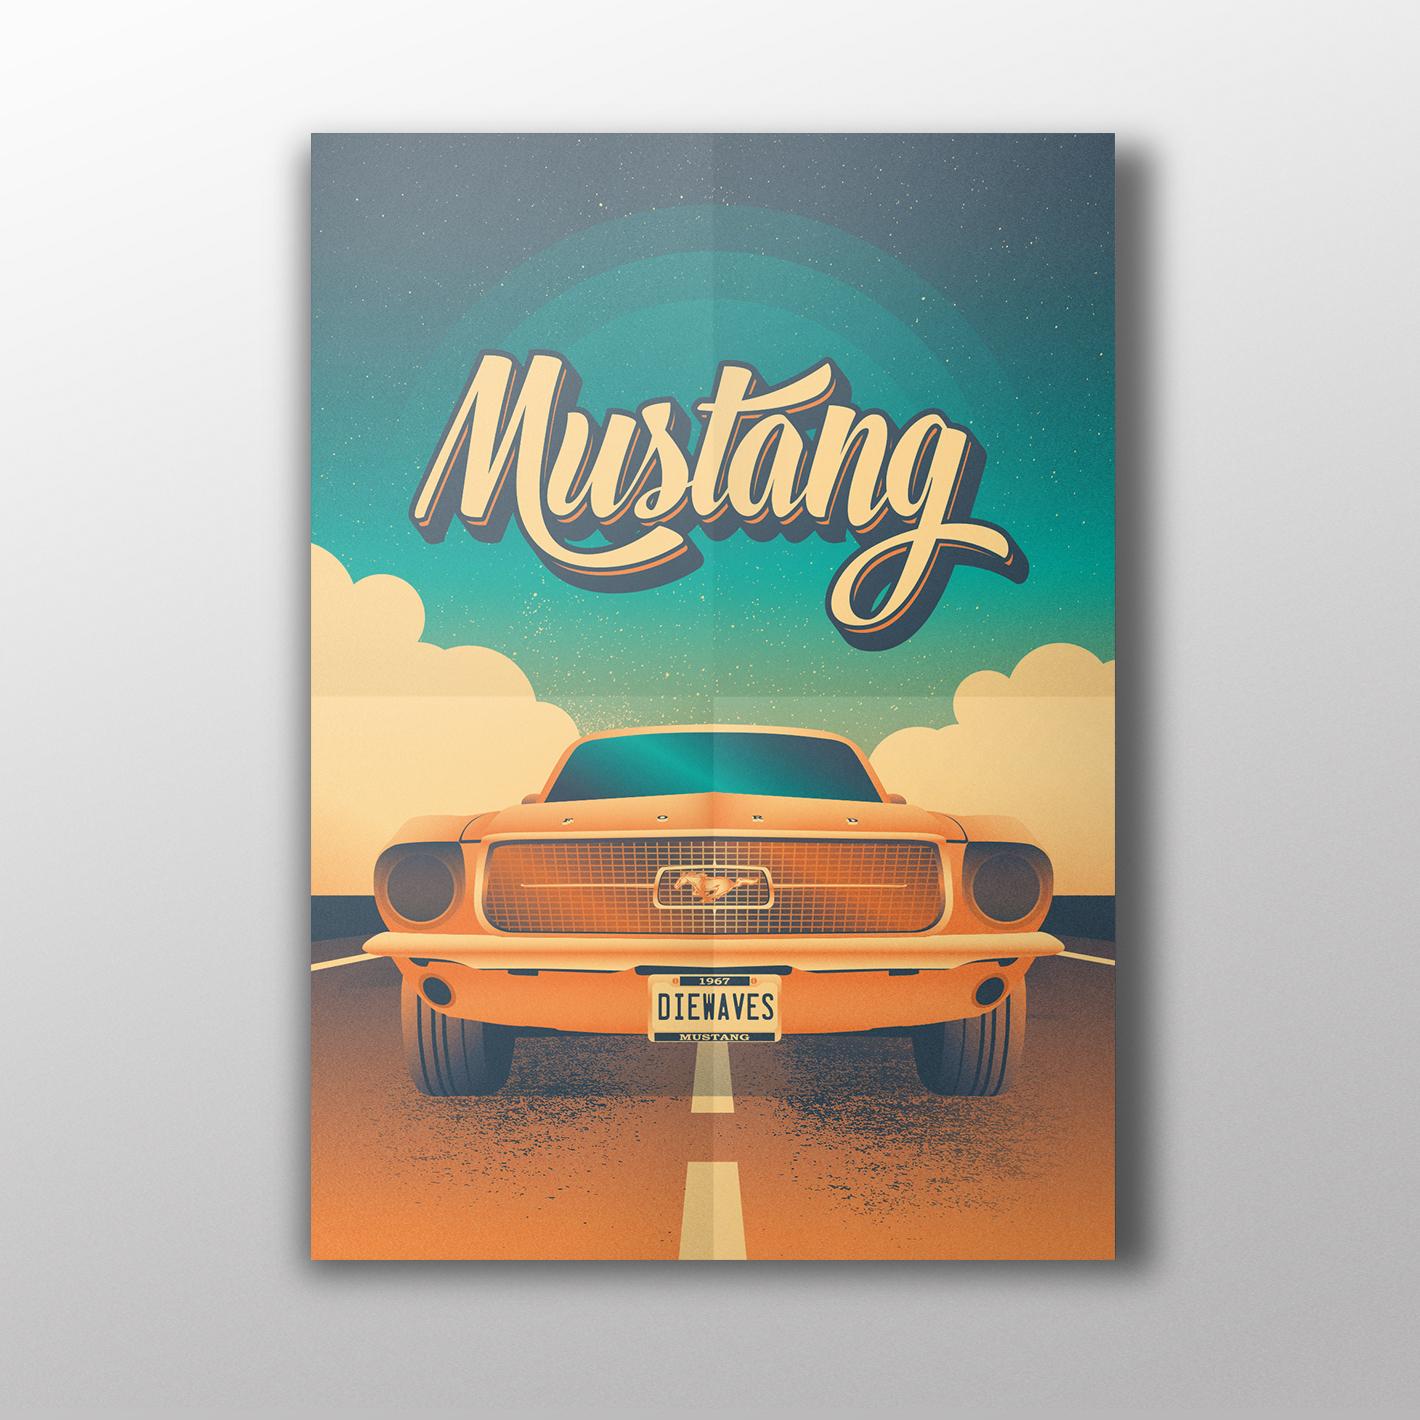 Poster serigrafiado